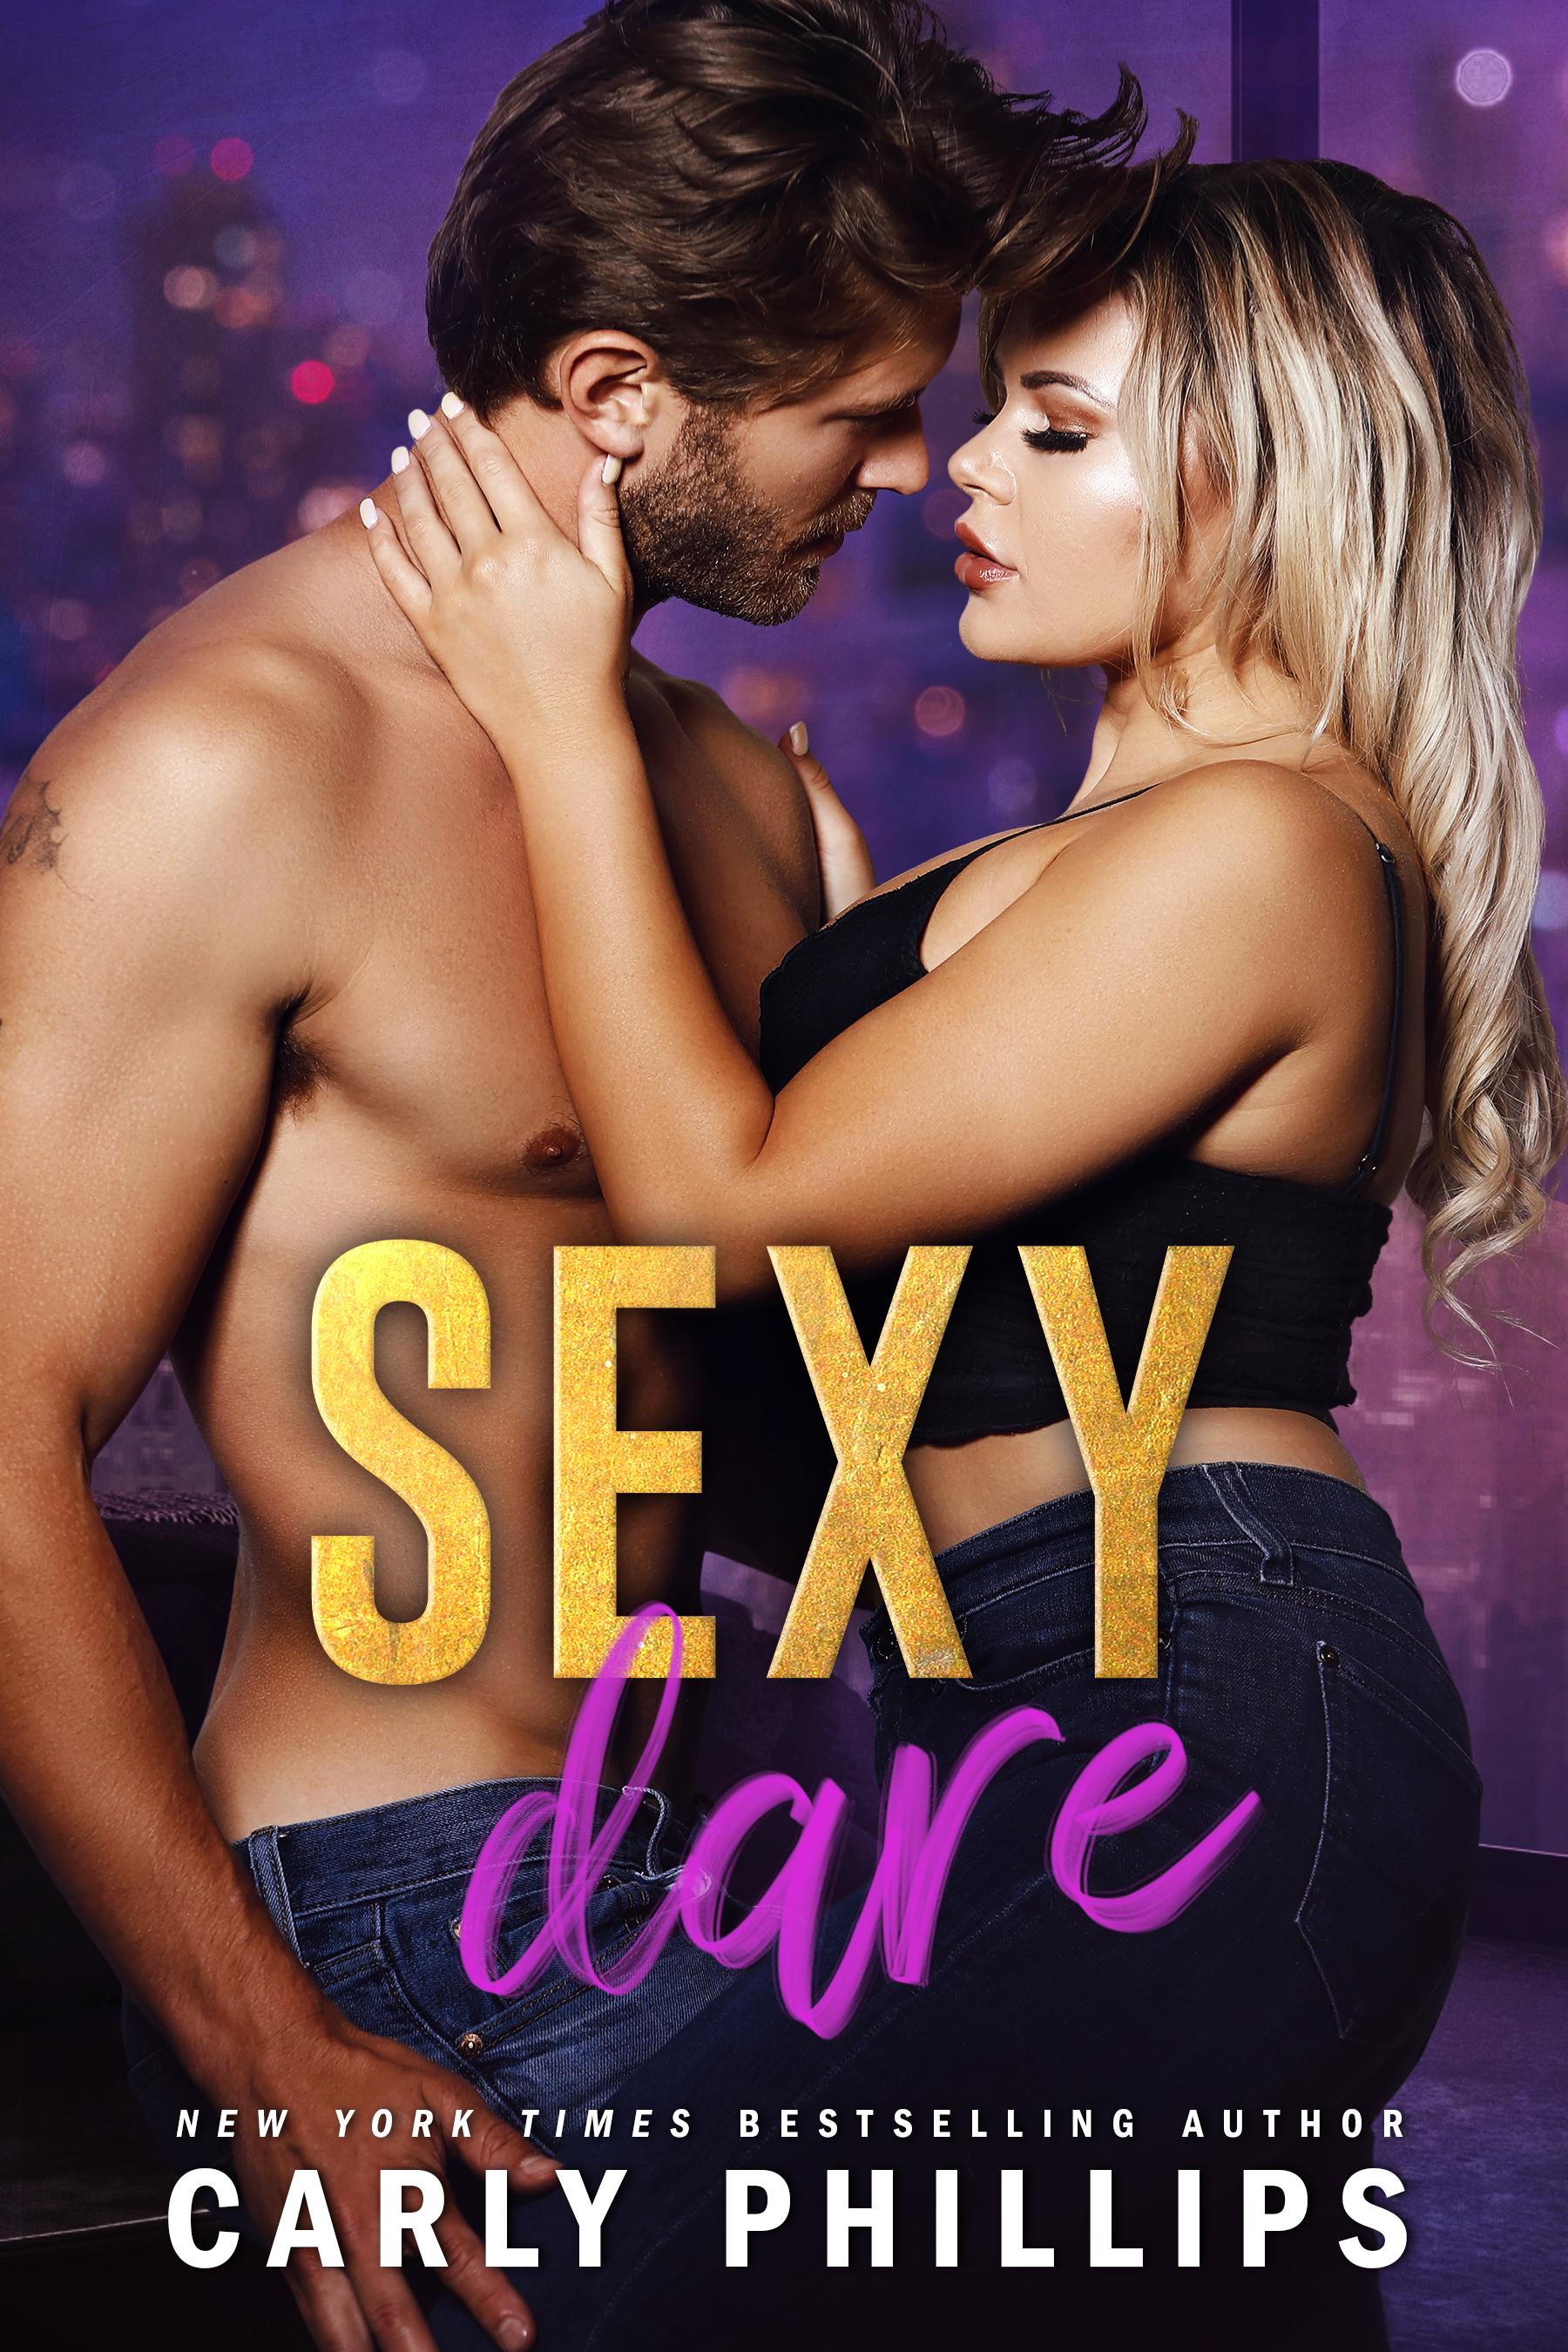 SEXY_DARE